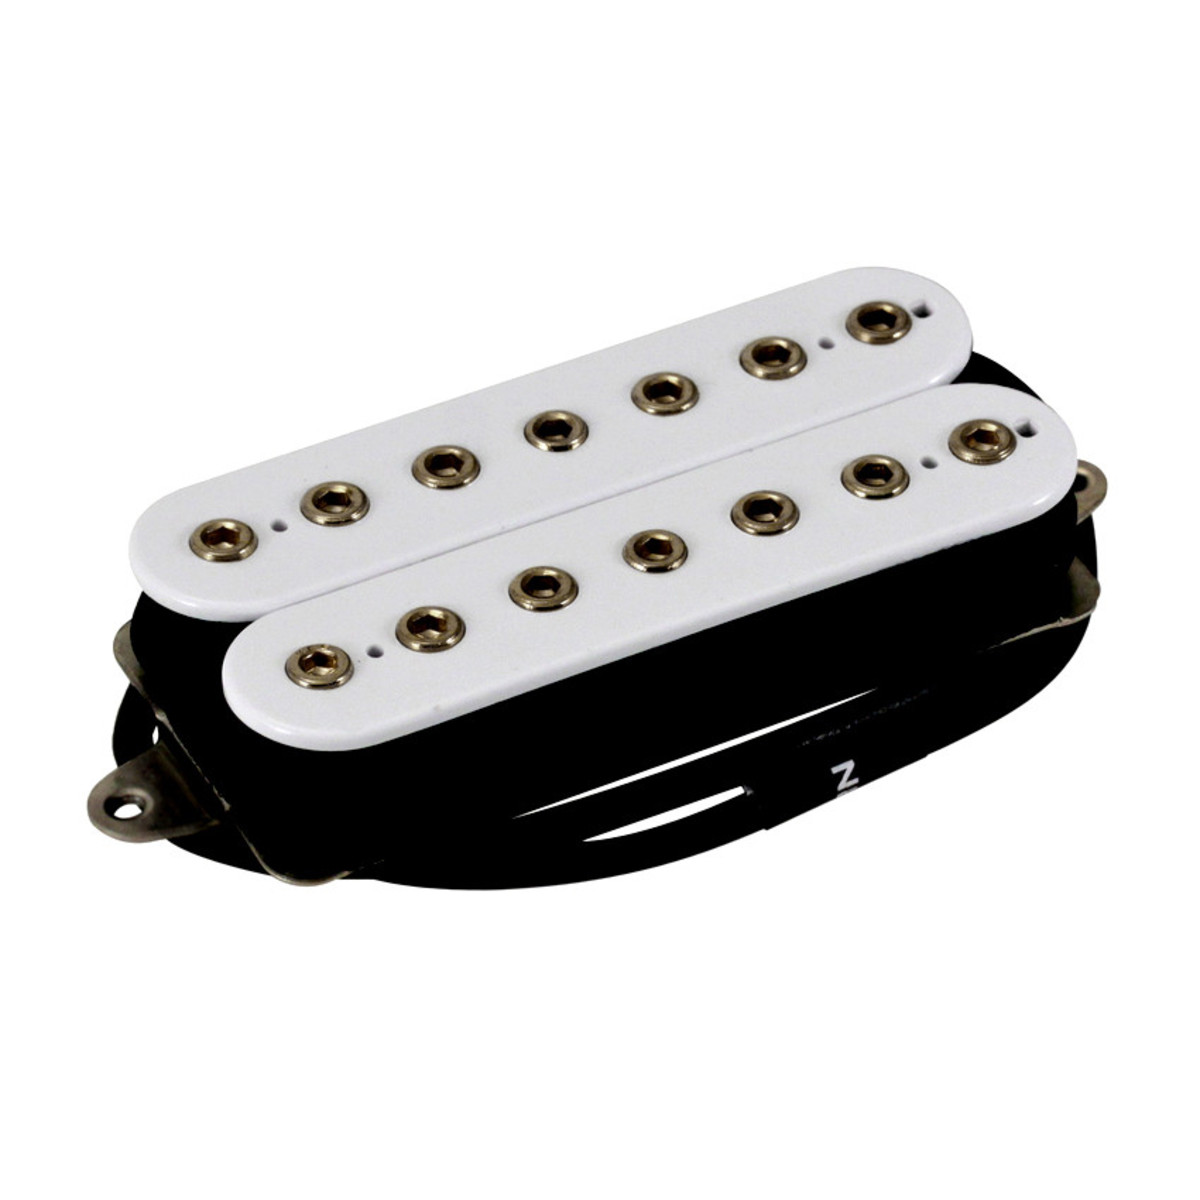 Schema Collegamento Humbucker Di Marzio : Dimarzio dp755 the tone zone 7 string humbucker guitar pickup white